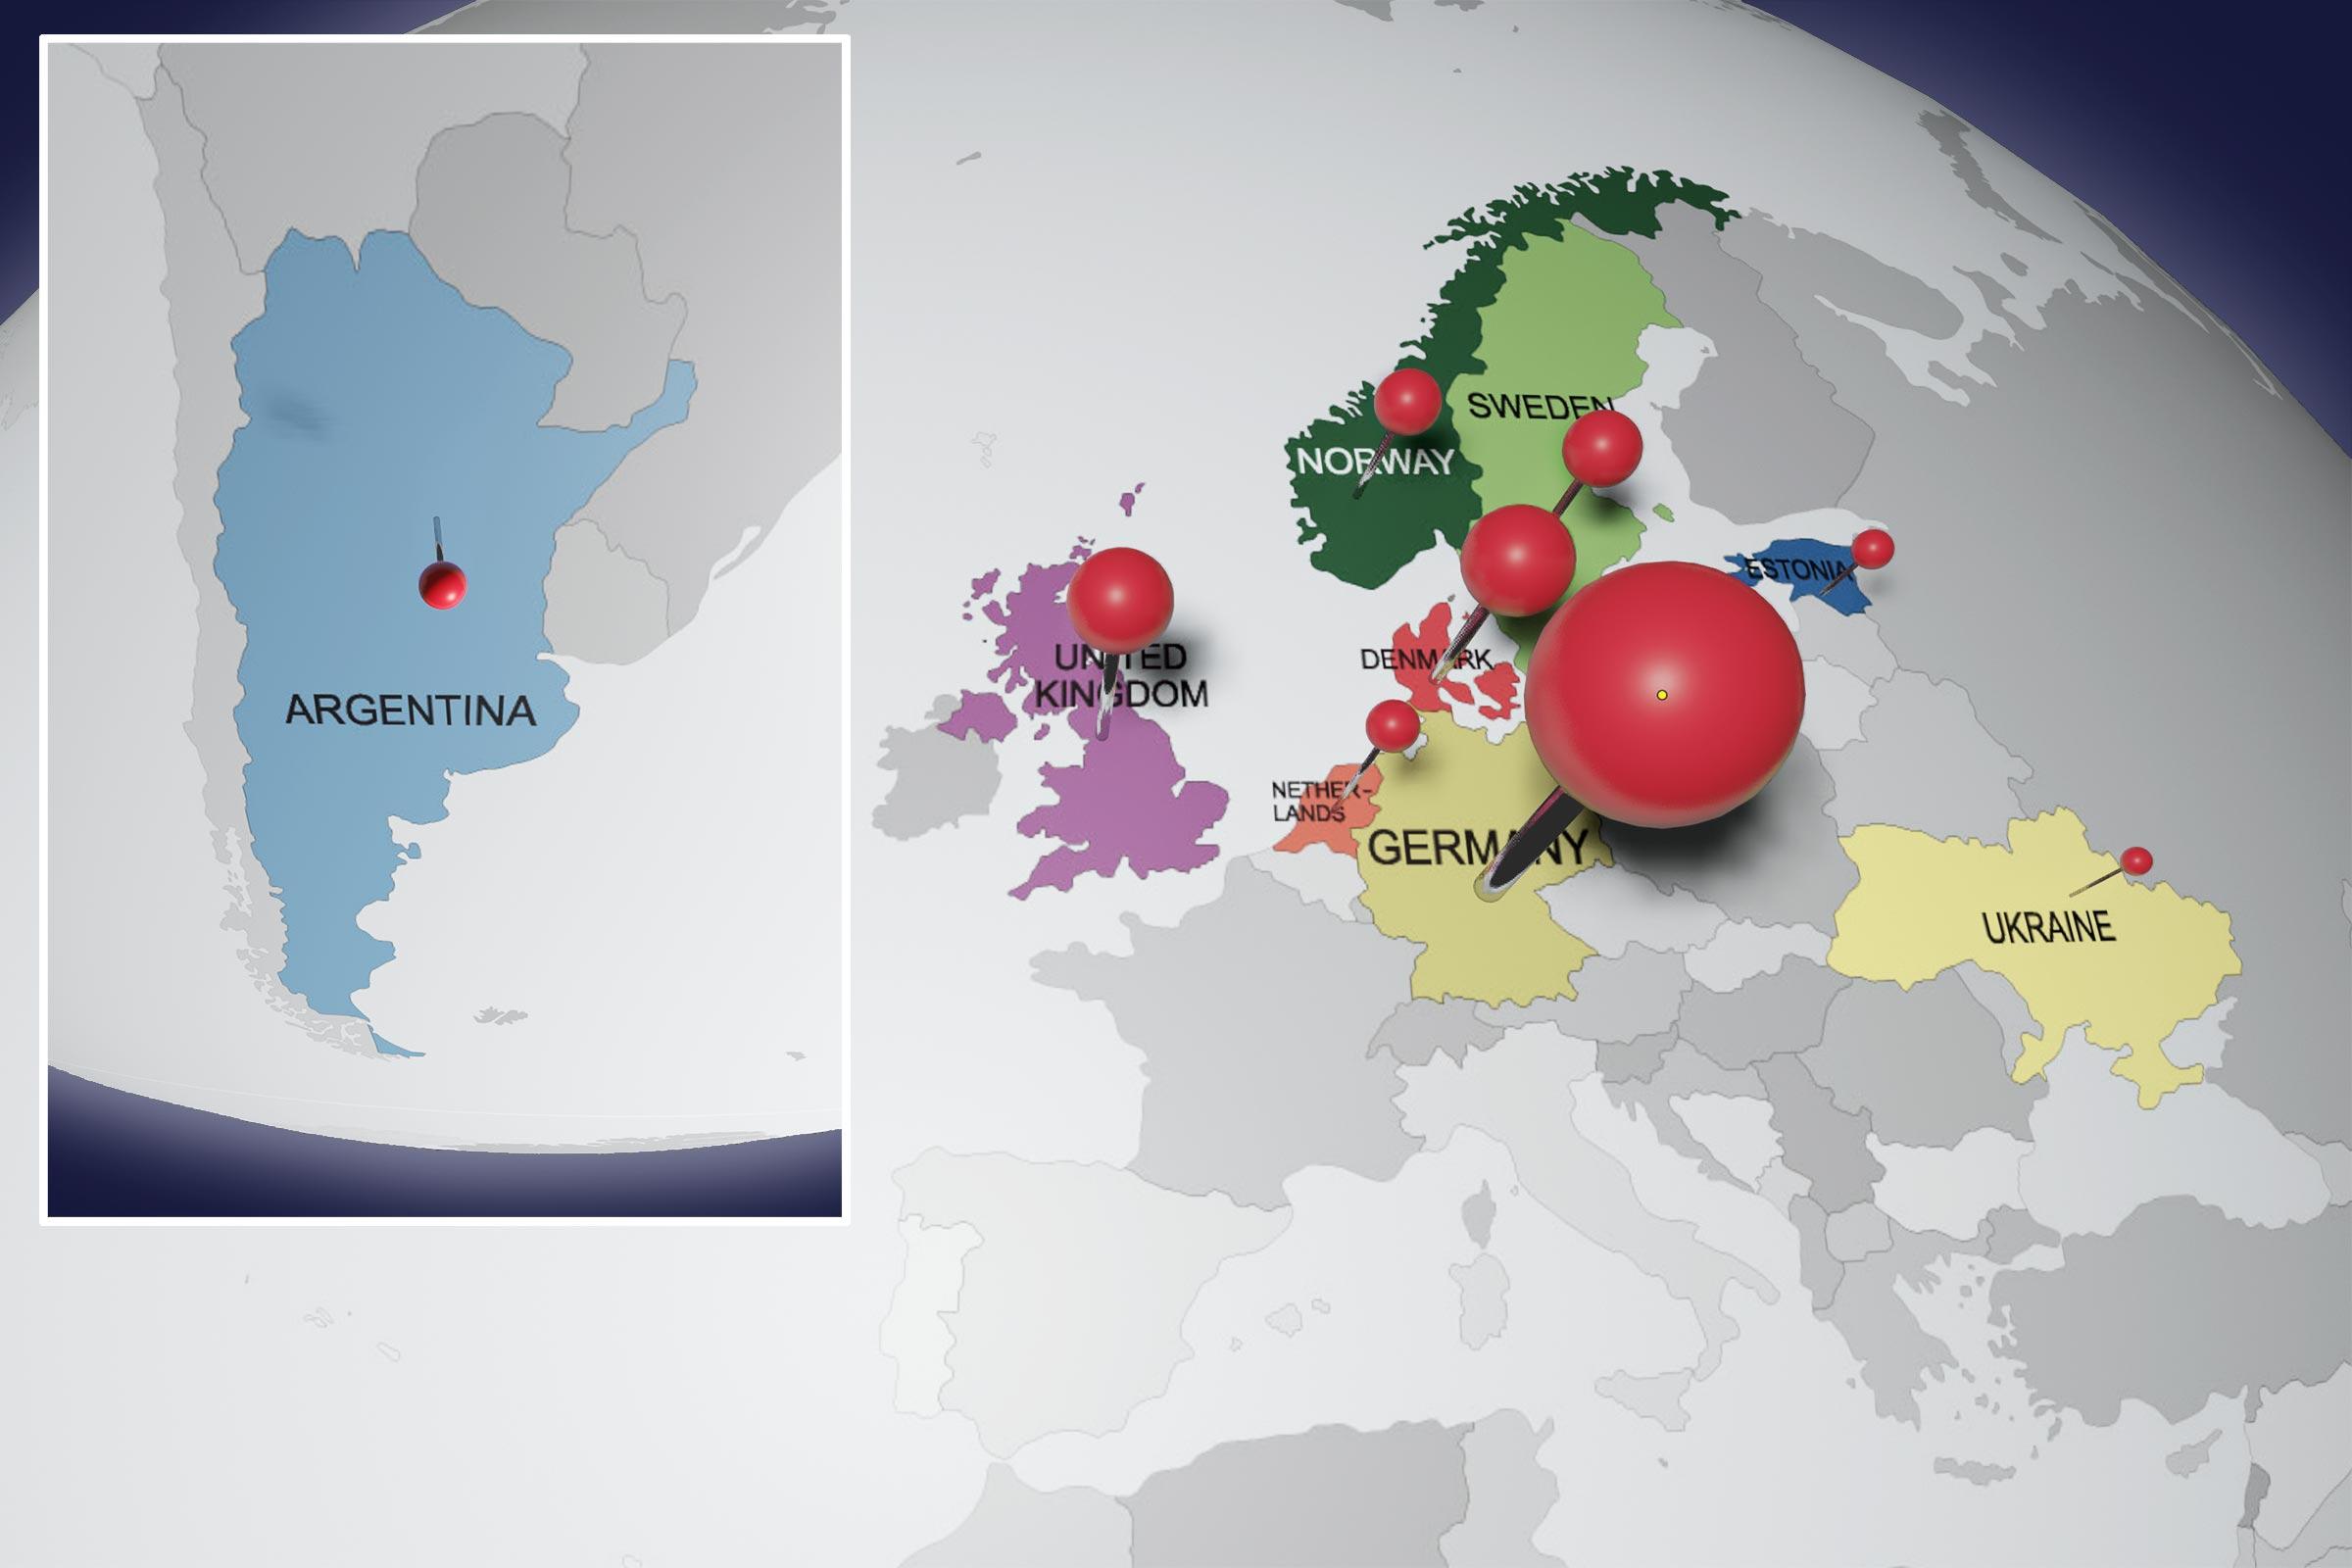 Karte Europa und Südamerika mit farbig markierten Ländern und Stecknadeln